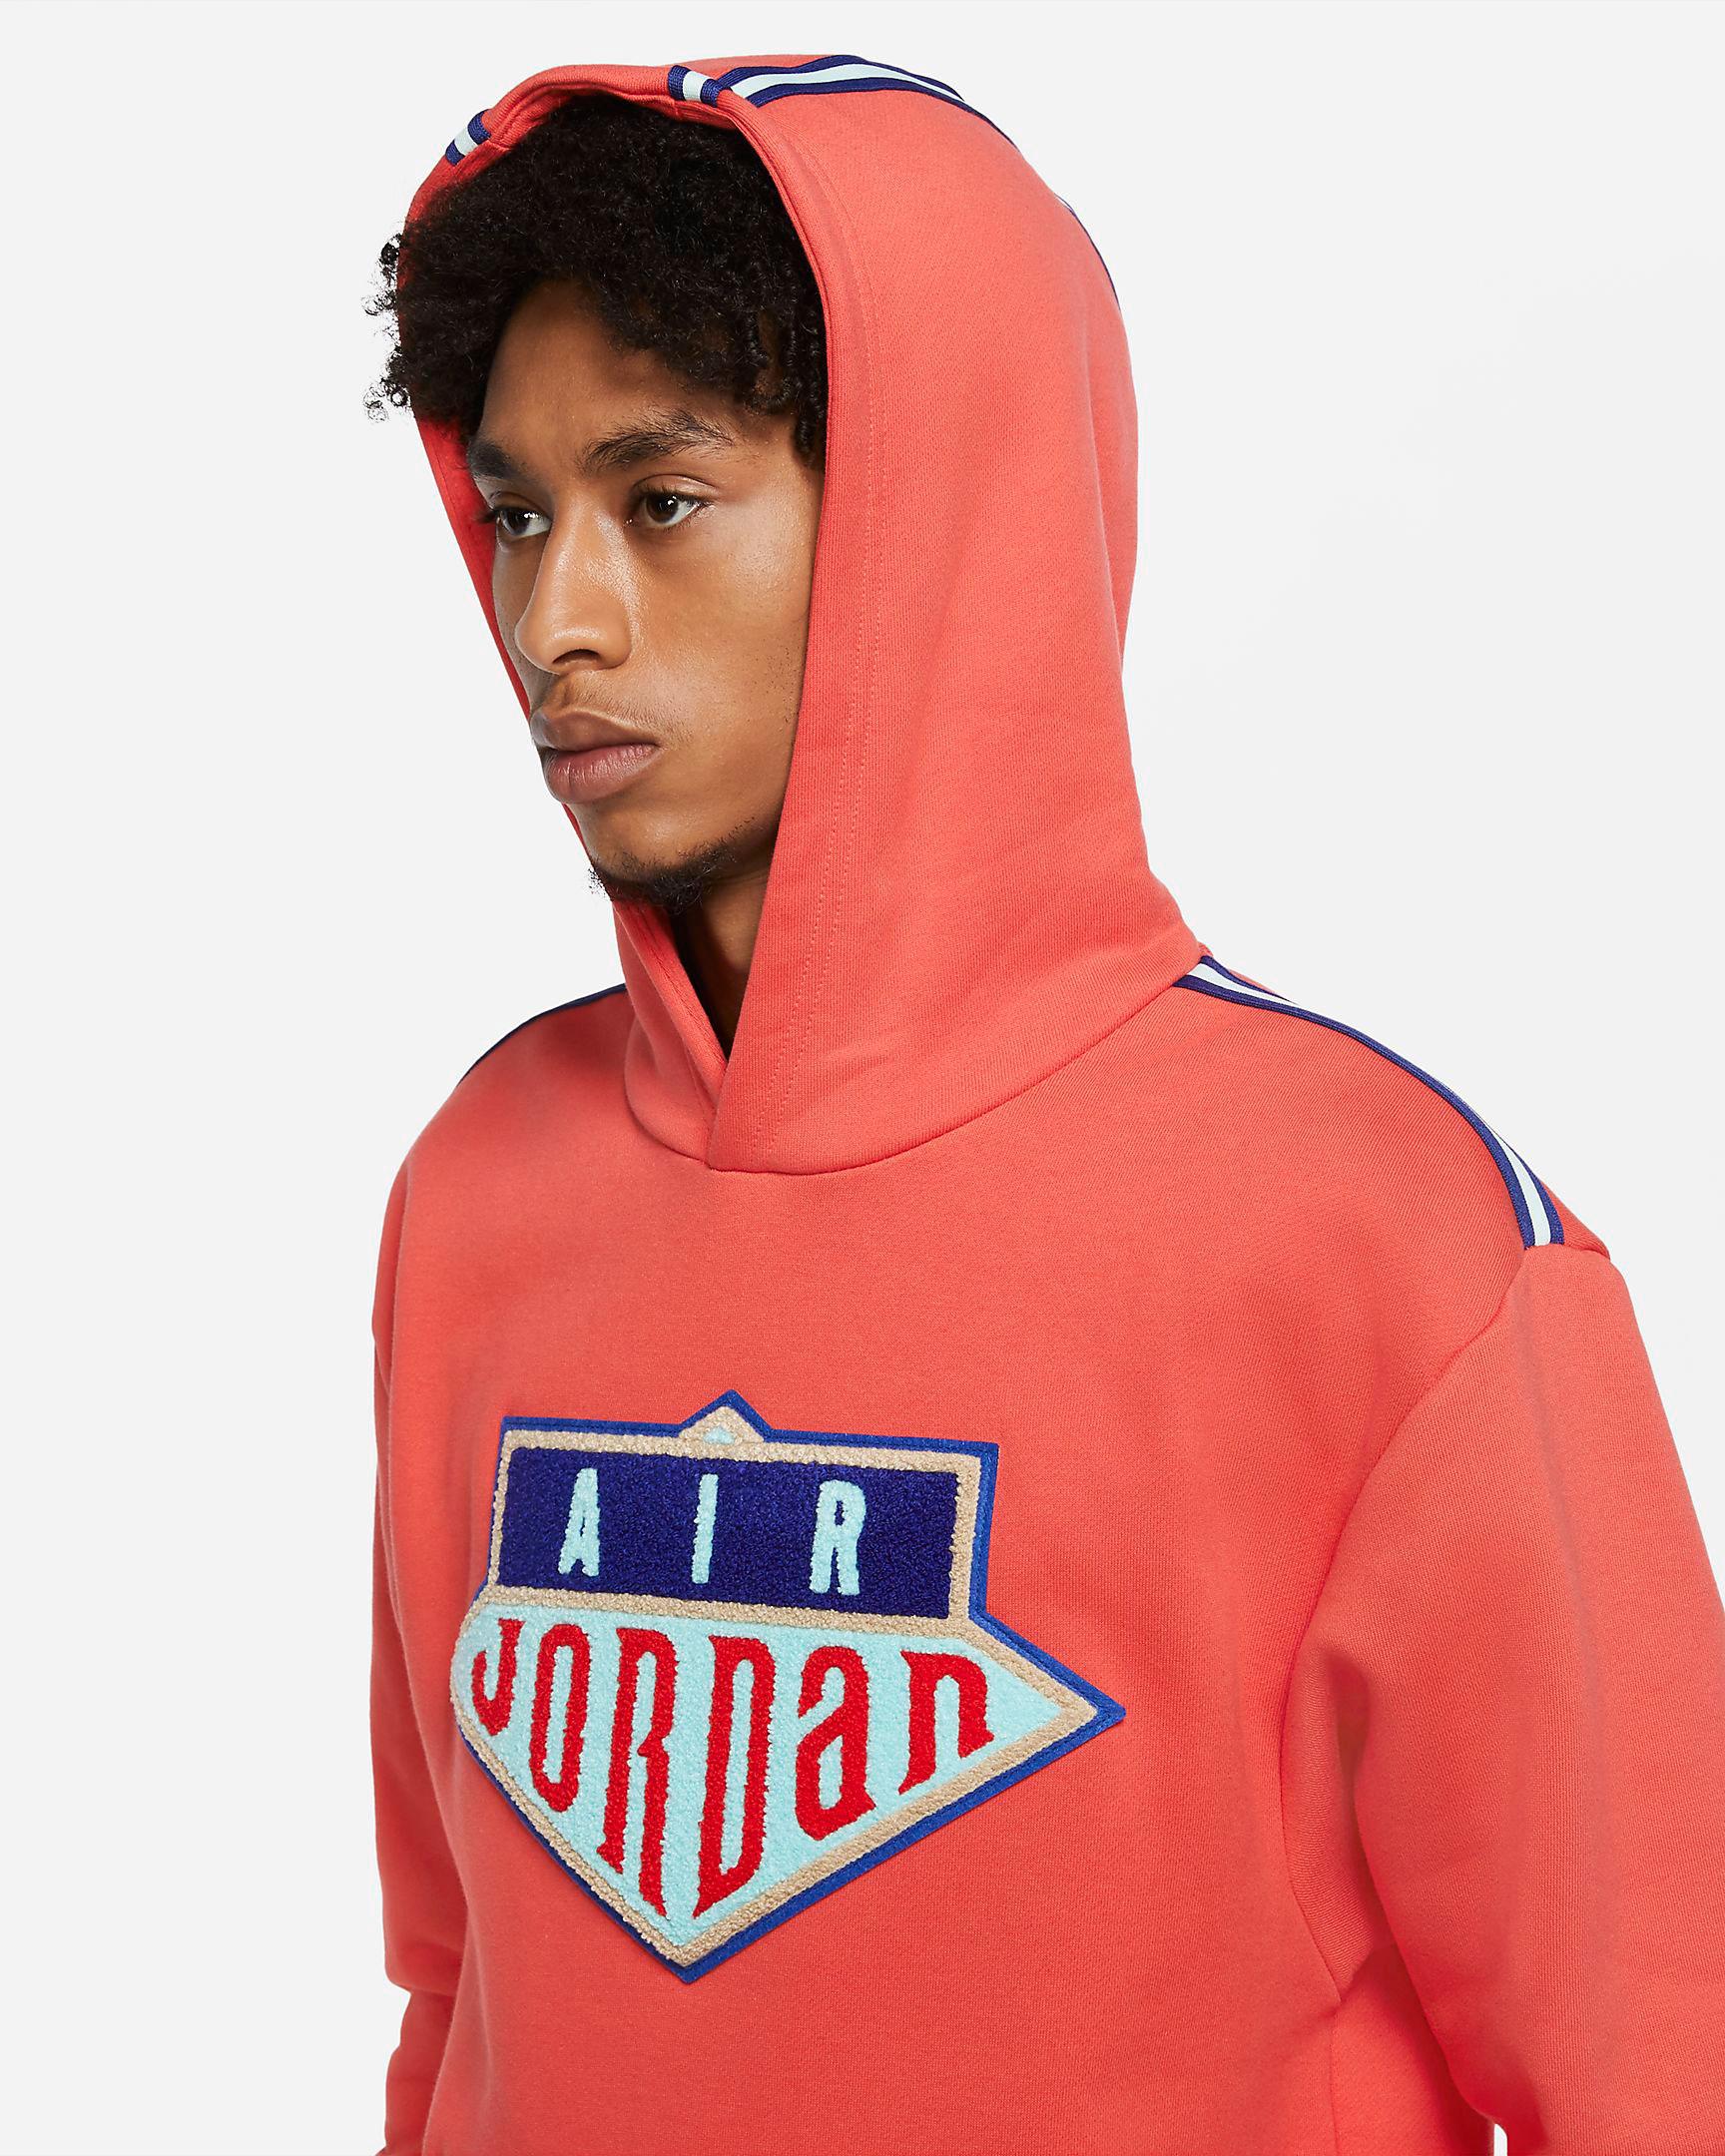 jordan-sport-dna-track-red-royal-blue-hoodie